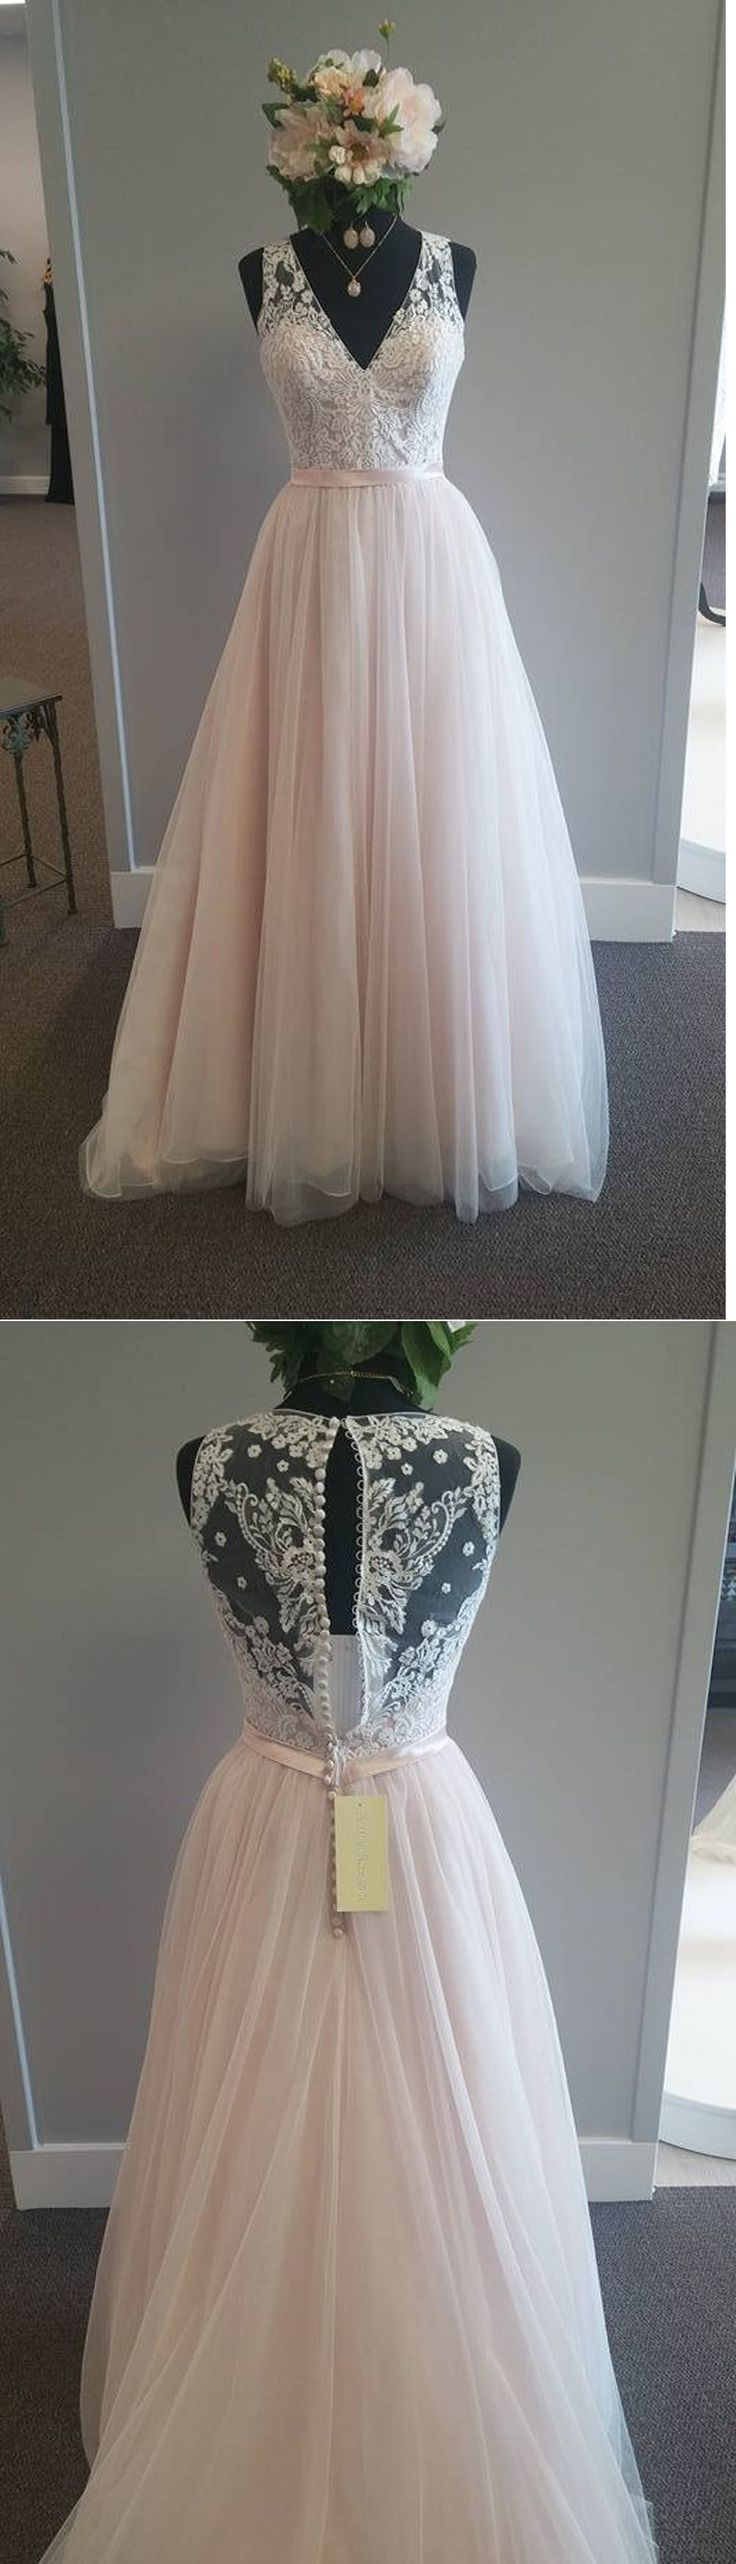 A-line Wedding Dresses,Elegant Wedding Gown,Light Pink Wedding Dresses,V-neck Br…